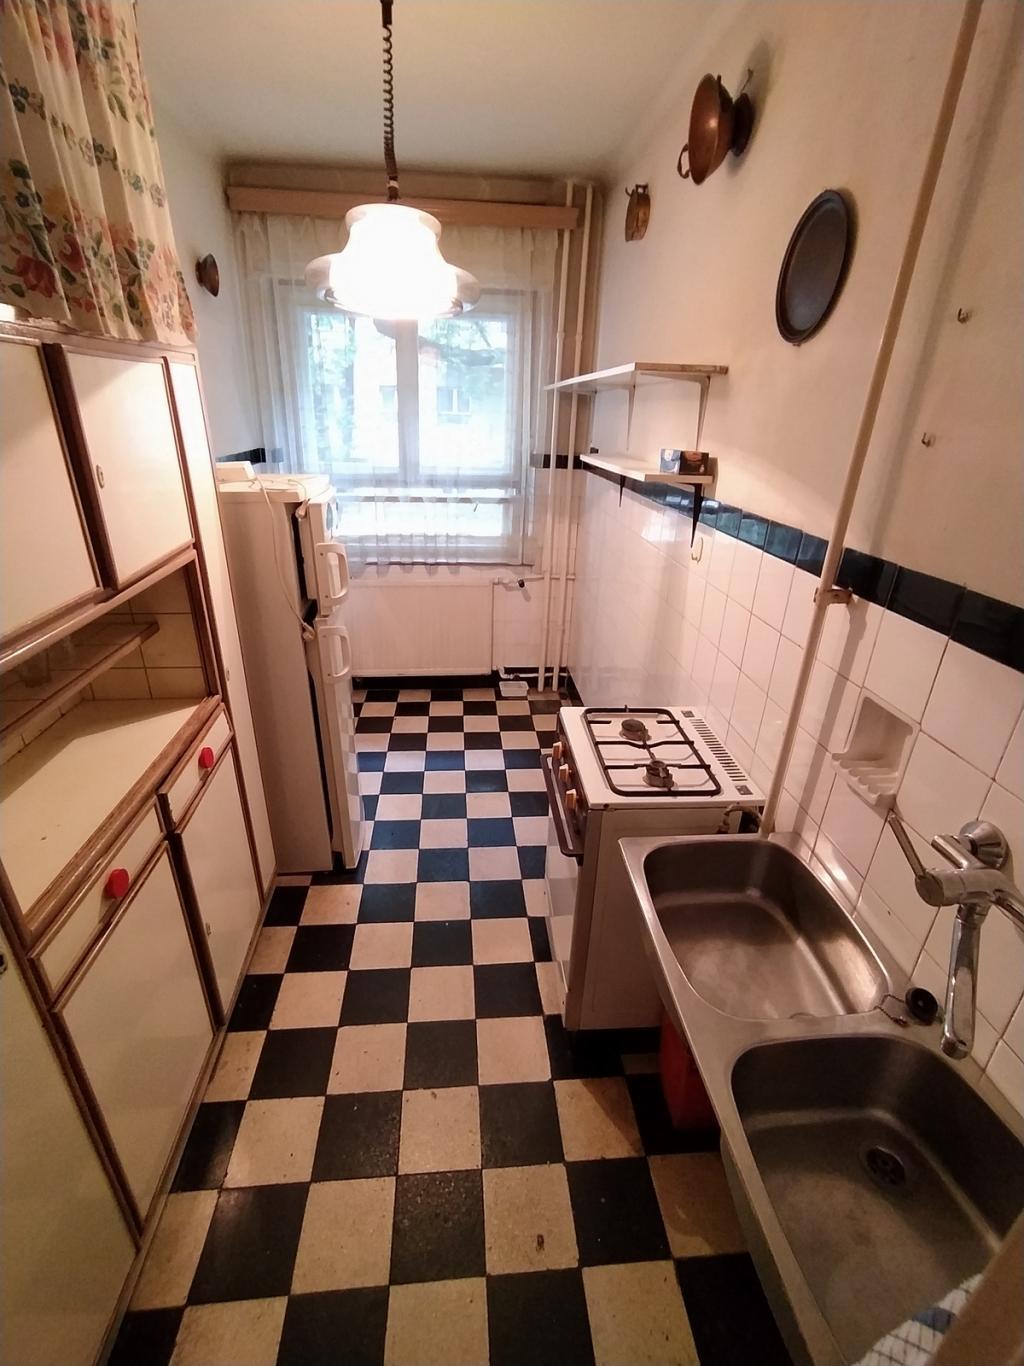 Eladó lakás 1013 Budapest Attila út 85m2 65,9M Ft Ingatlan kép: 1